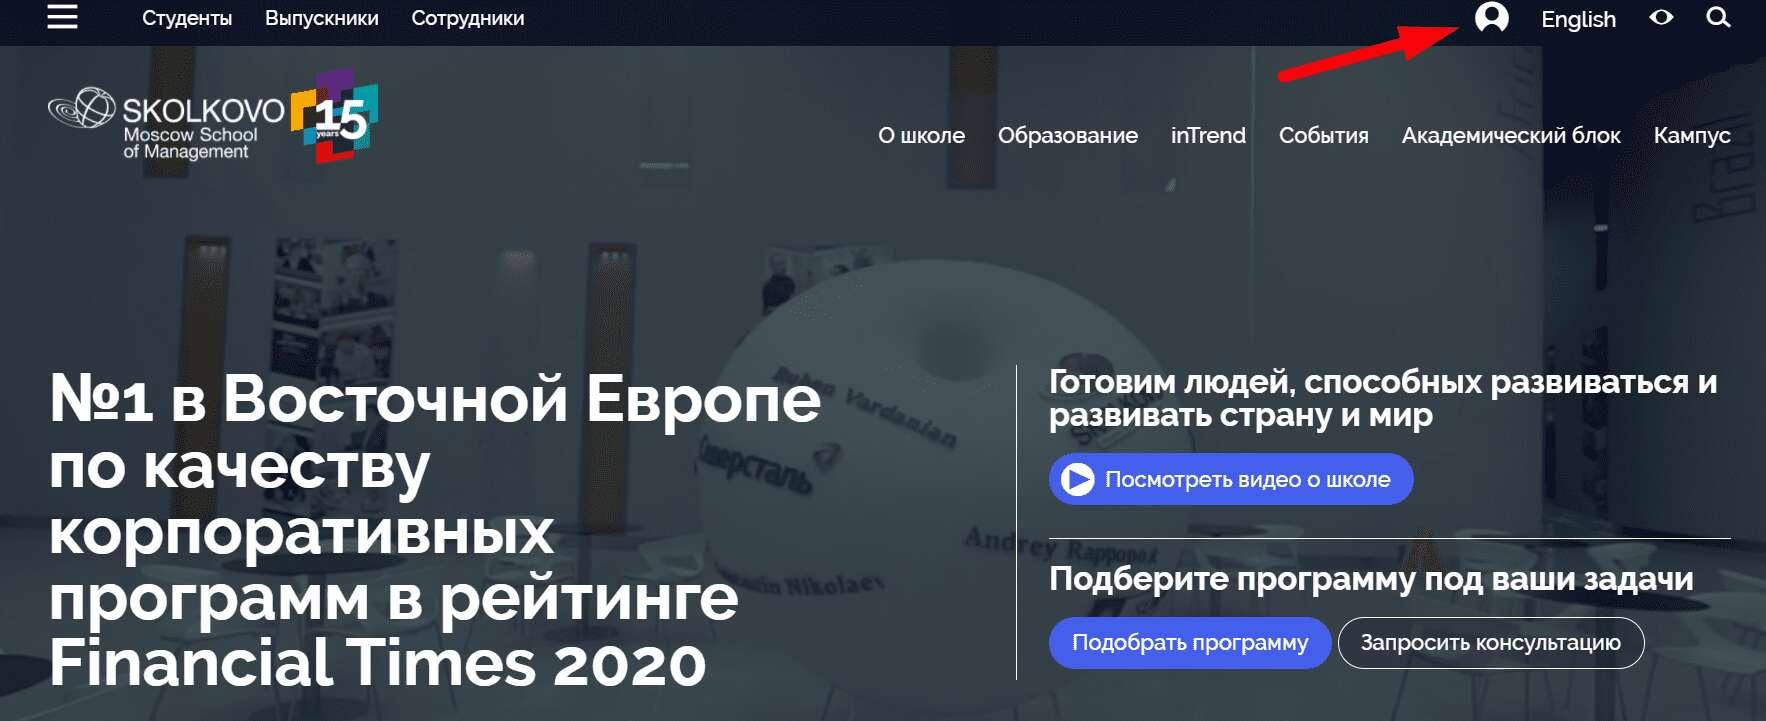 Ссылка на сайт Московской школы управления «СКОЛКОВО»